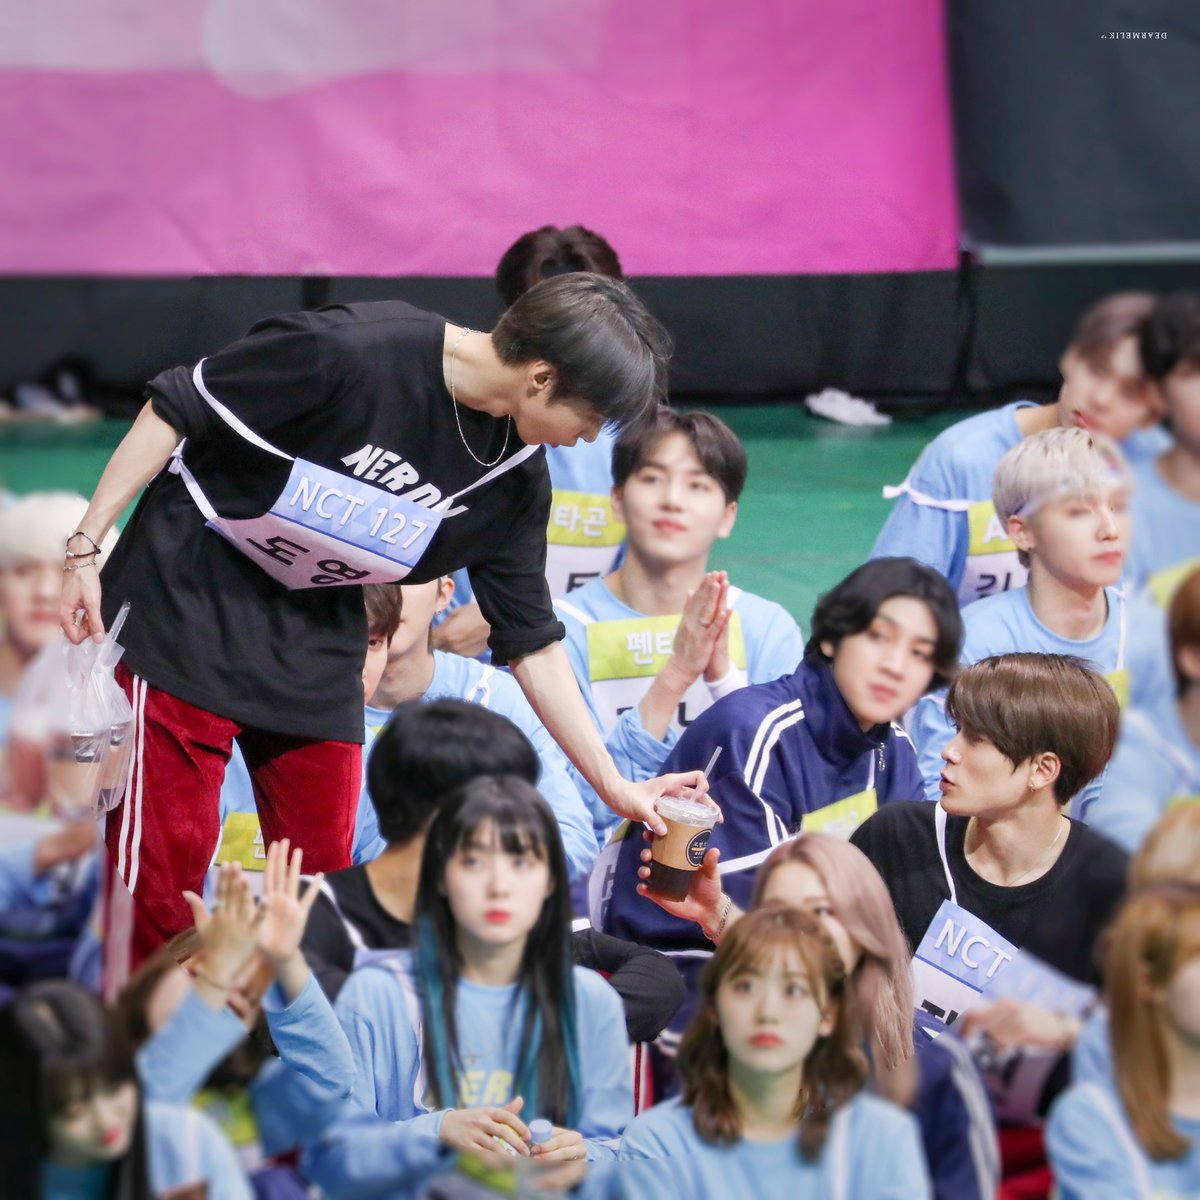 커피소년을 위한 블러노동... #도영 #DOYOUNG #재현 #JAEHYUN